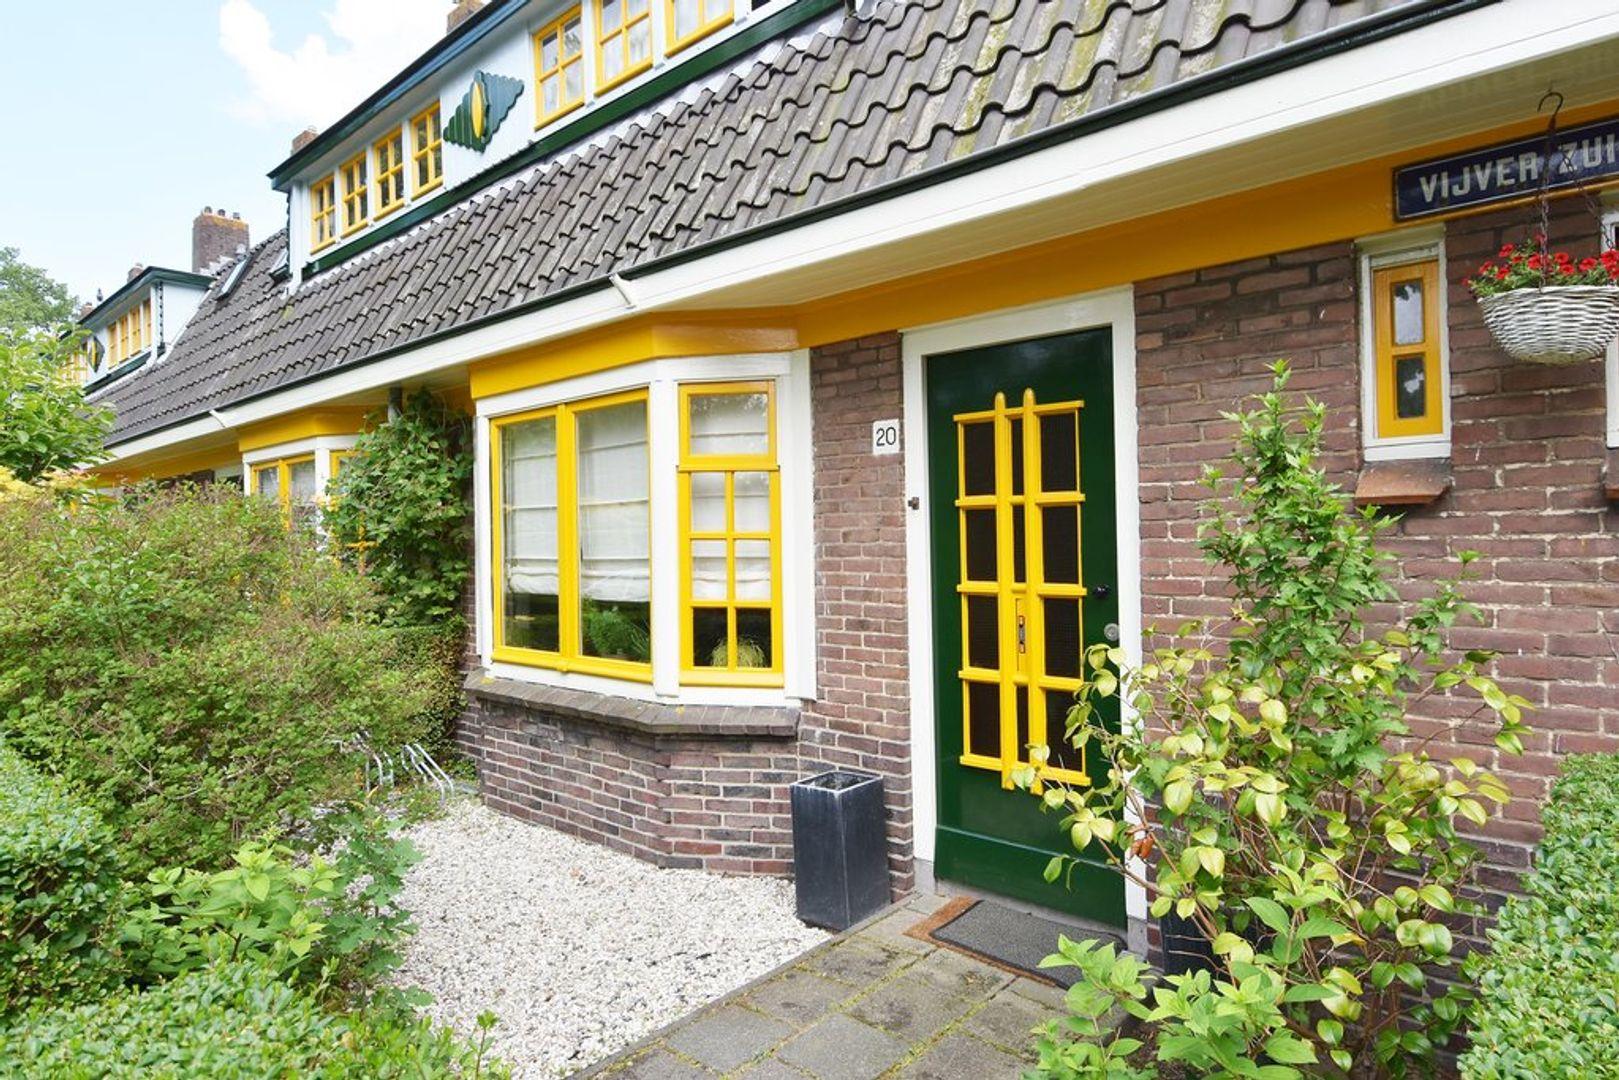 Vijver Zuid 20, Delft foto-1